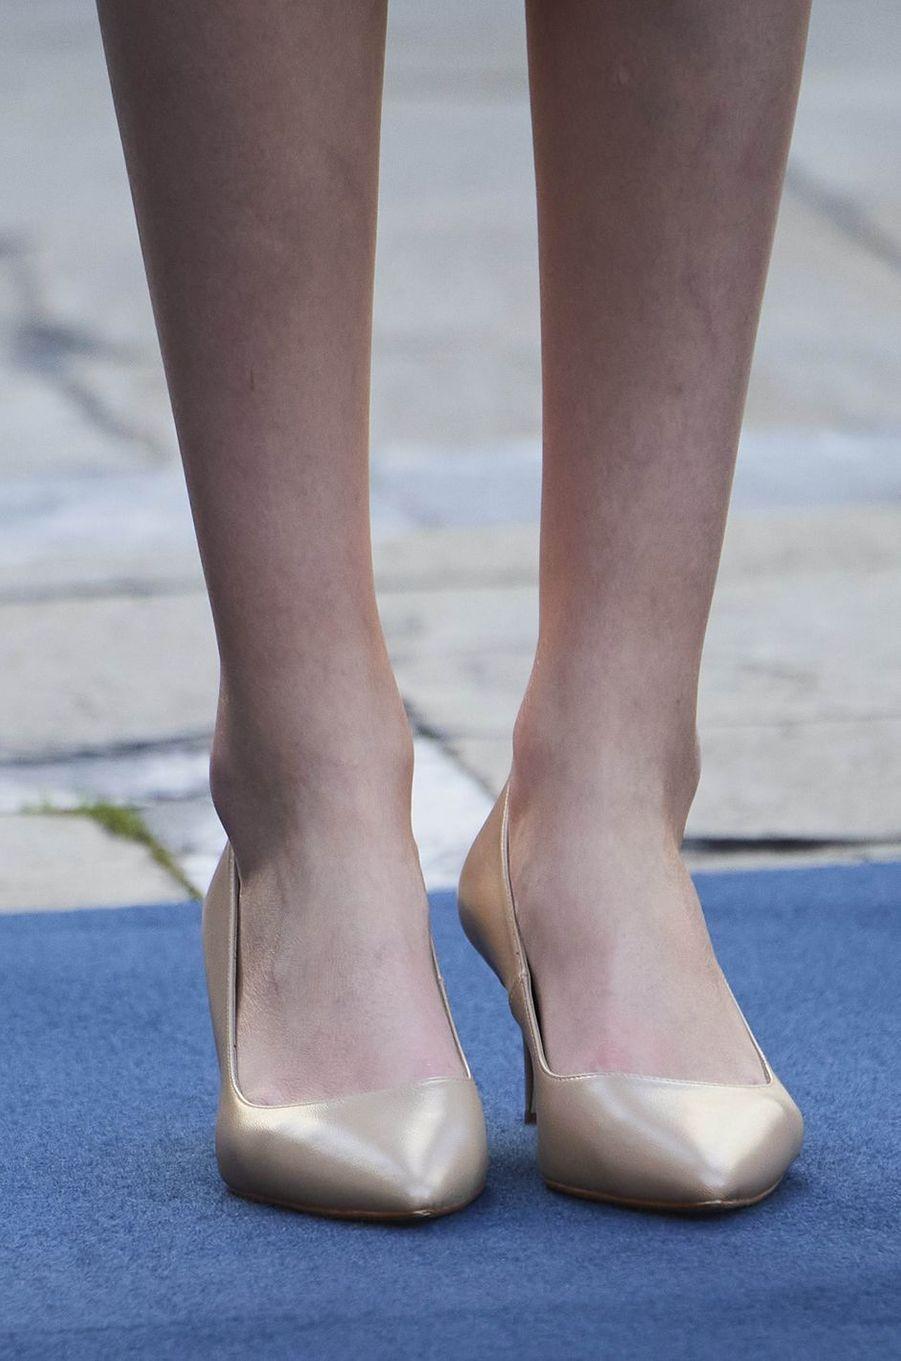 Les chaussures dorées à talons de la princesse Leonor d'Espagne, à Oviedo le 16 octobre 2020